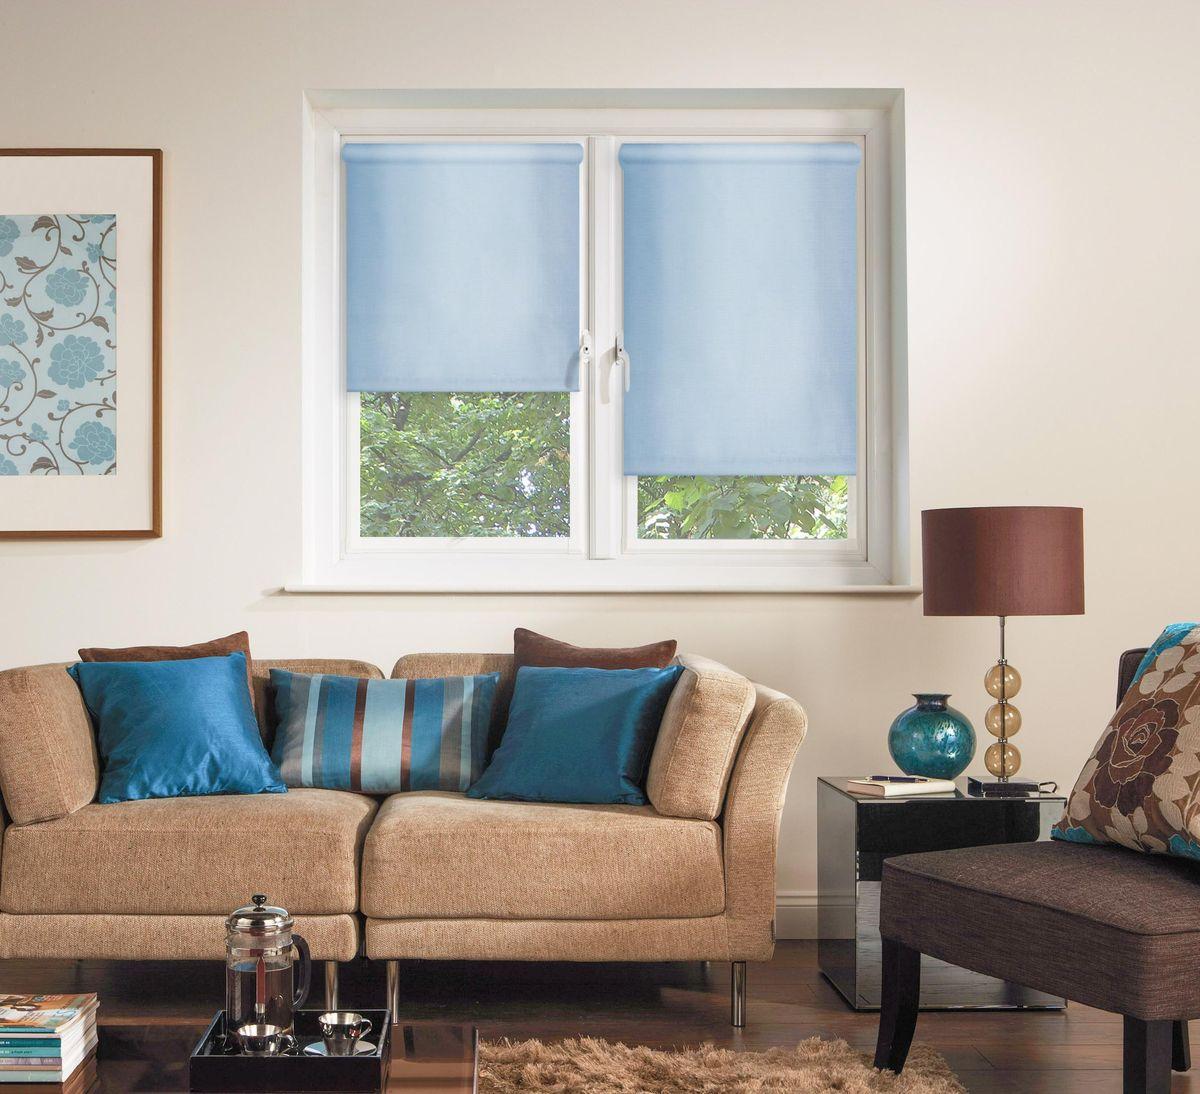 Штора рулонная Эскар, цвет: голубой, ширина 120 см, высота 170 см81005120170Рулонными шторами можно оформлять окна как самостоятельно, так и использовать в комбинации с портьерами. Это поможет предотвратить выгорание дорогой ткани на солнце и соединит функционал рулонных с красотой навесных. Преимущества применения рулонных штор для пластиковых окон: - имеют прекрасный внешний вид: многообразие и фактурность материала изделия отлично смотрятся в любом интерьере; - многофункциональны: есть возможность подобрать шторы способные эффективно защитить комнату от солнца, при этом о на не будет слишком темной. - Есть возможность осуществить быстрый монтаж. ВНИМАНИЕ! Размеры ширины изделия указаны по ширине ткани! Во время эксплуатации не рекомендуется полностью разматывать рулон, чтобы не оторвать ткань от намоточного вала. В случае загрязнения поверхности ткани, чистку шторы проводят одним из способов, в зависимости от типа загрязнения: легкое поверхностное загрязнение можно удалить при помощи...